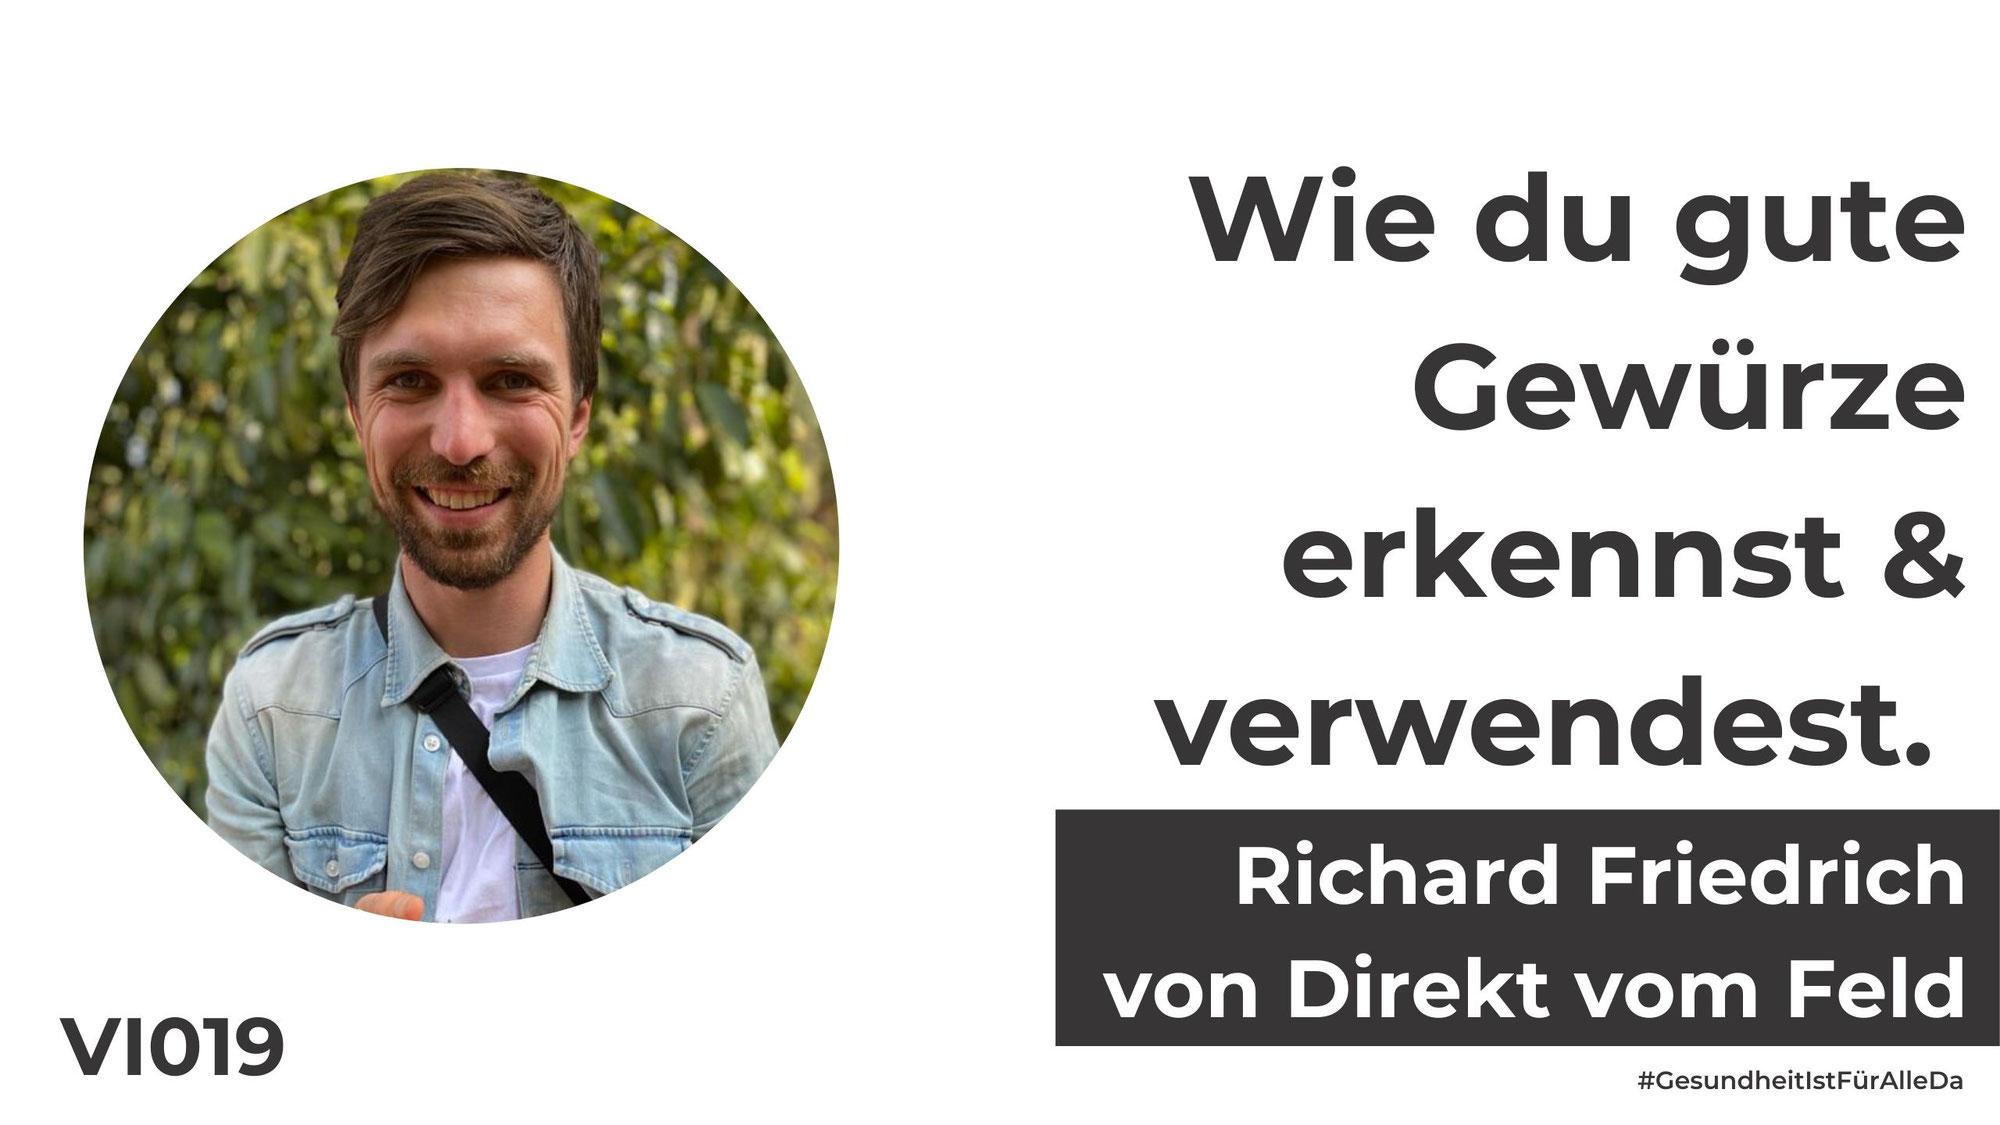 Richard Friedrich von Direkt vom Feld